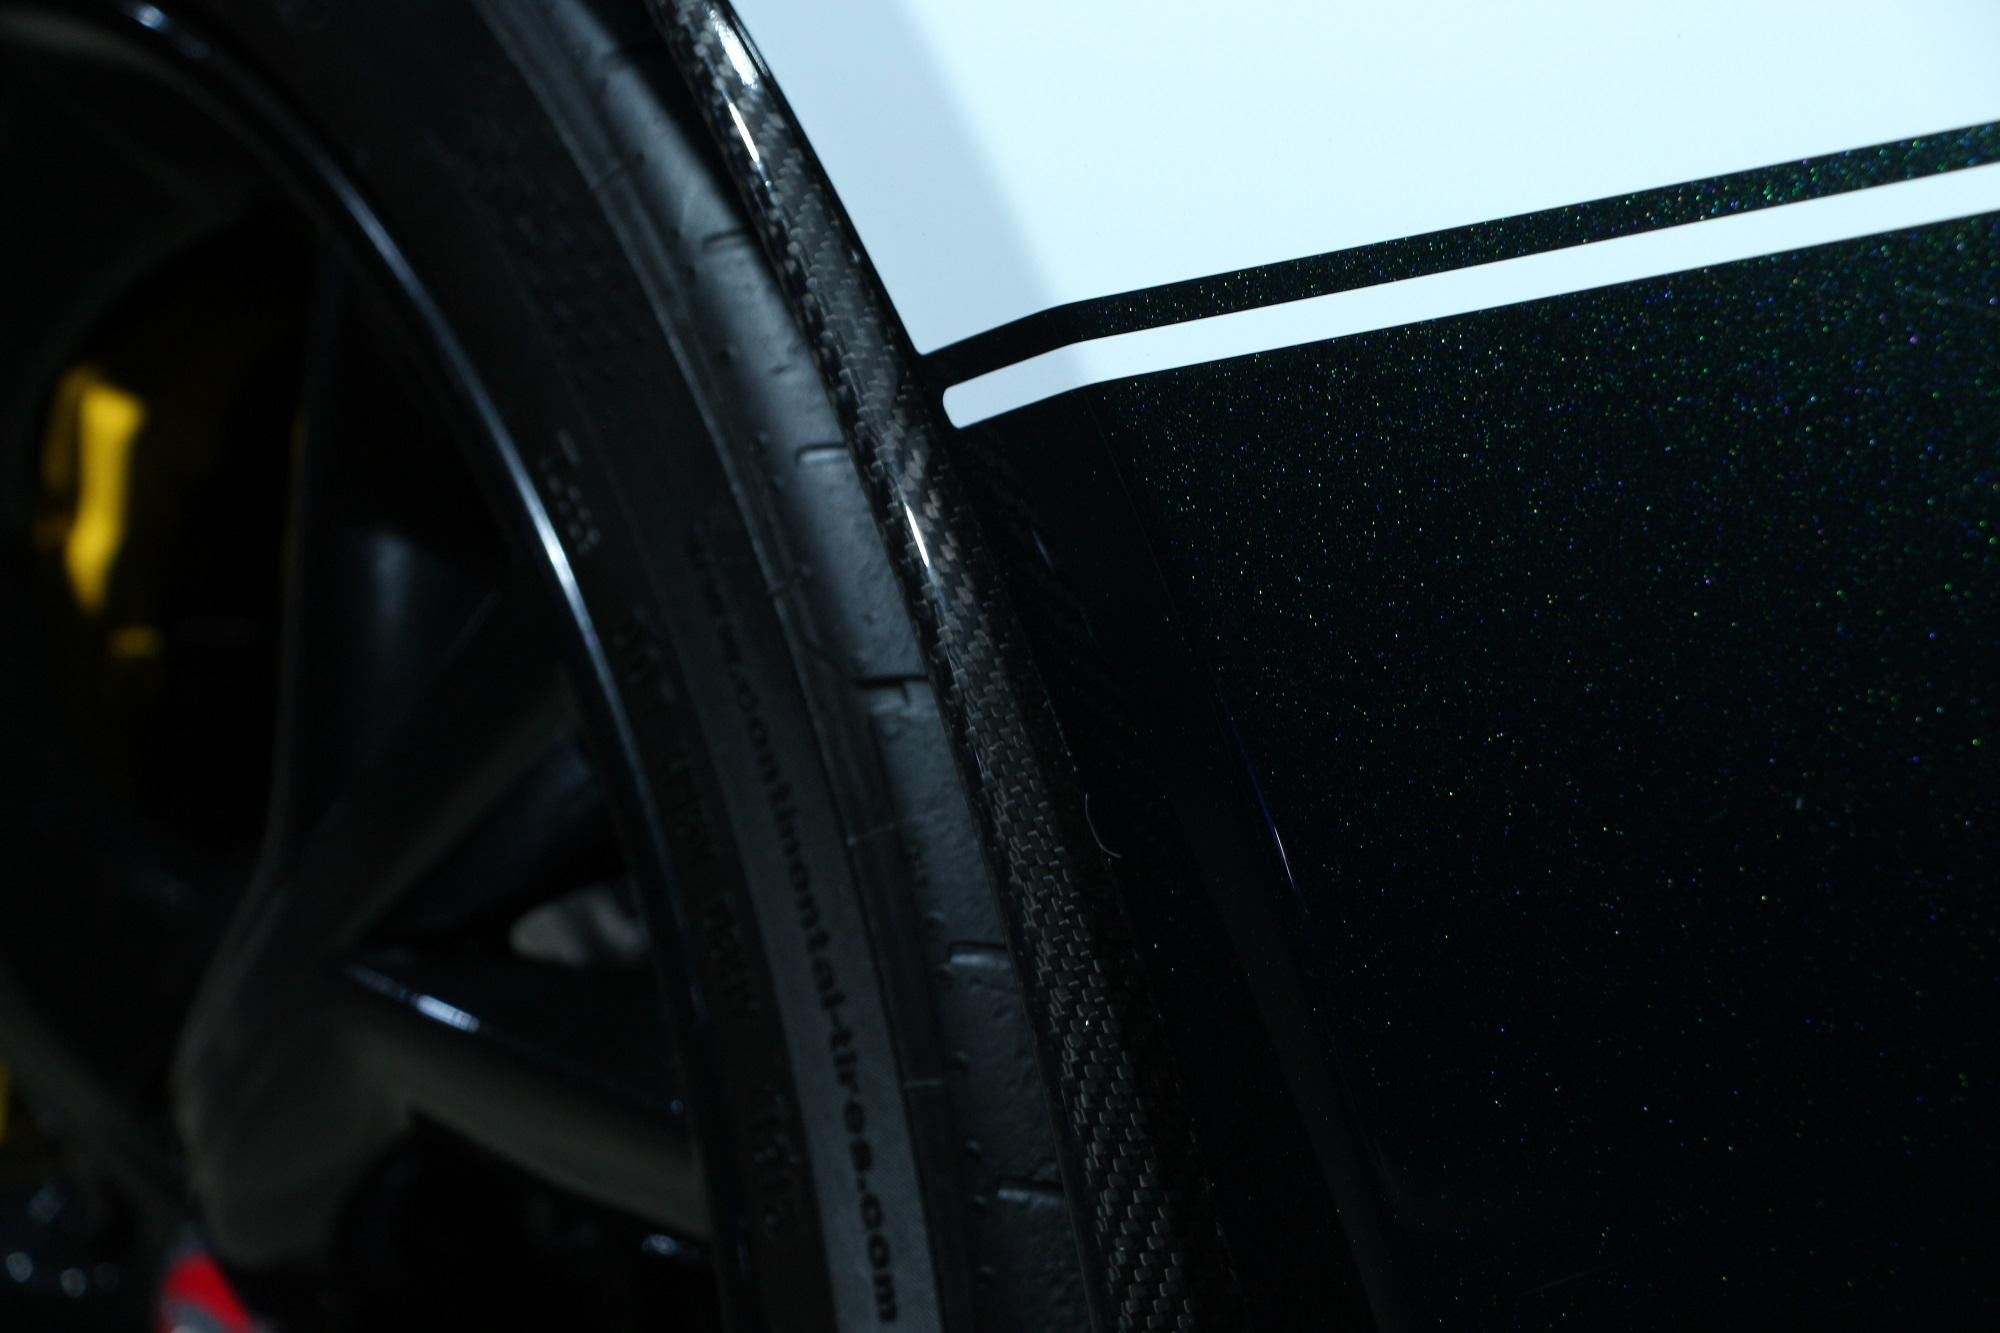 jaguarforums.com Jaguar SVO SV Project 7 XE Project 8 LA Los Angeles Auto Show 2017 2018